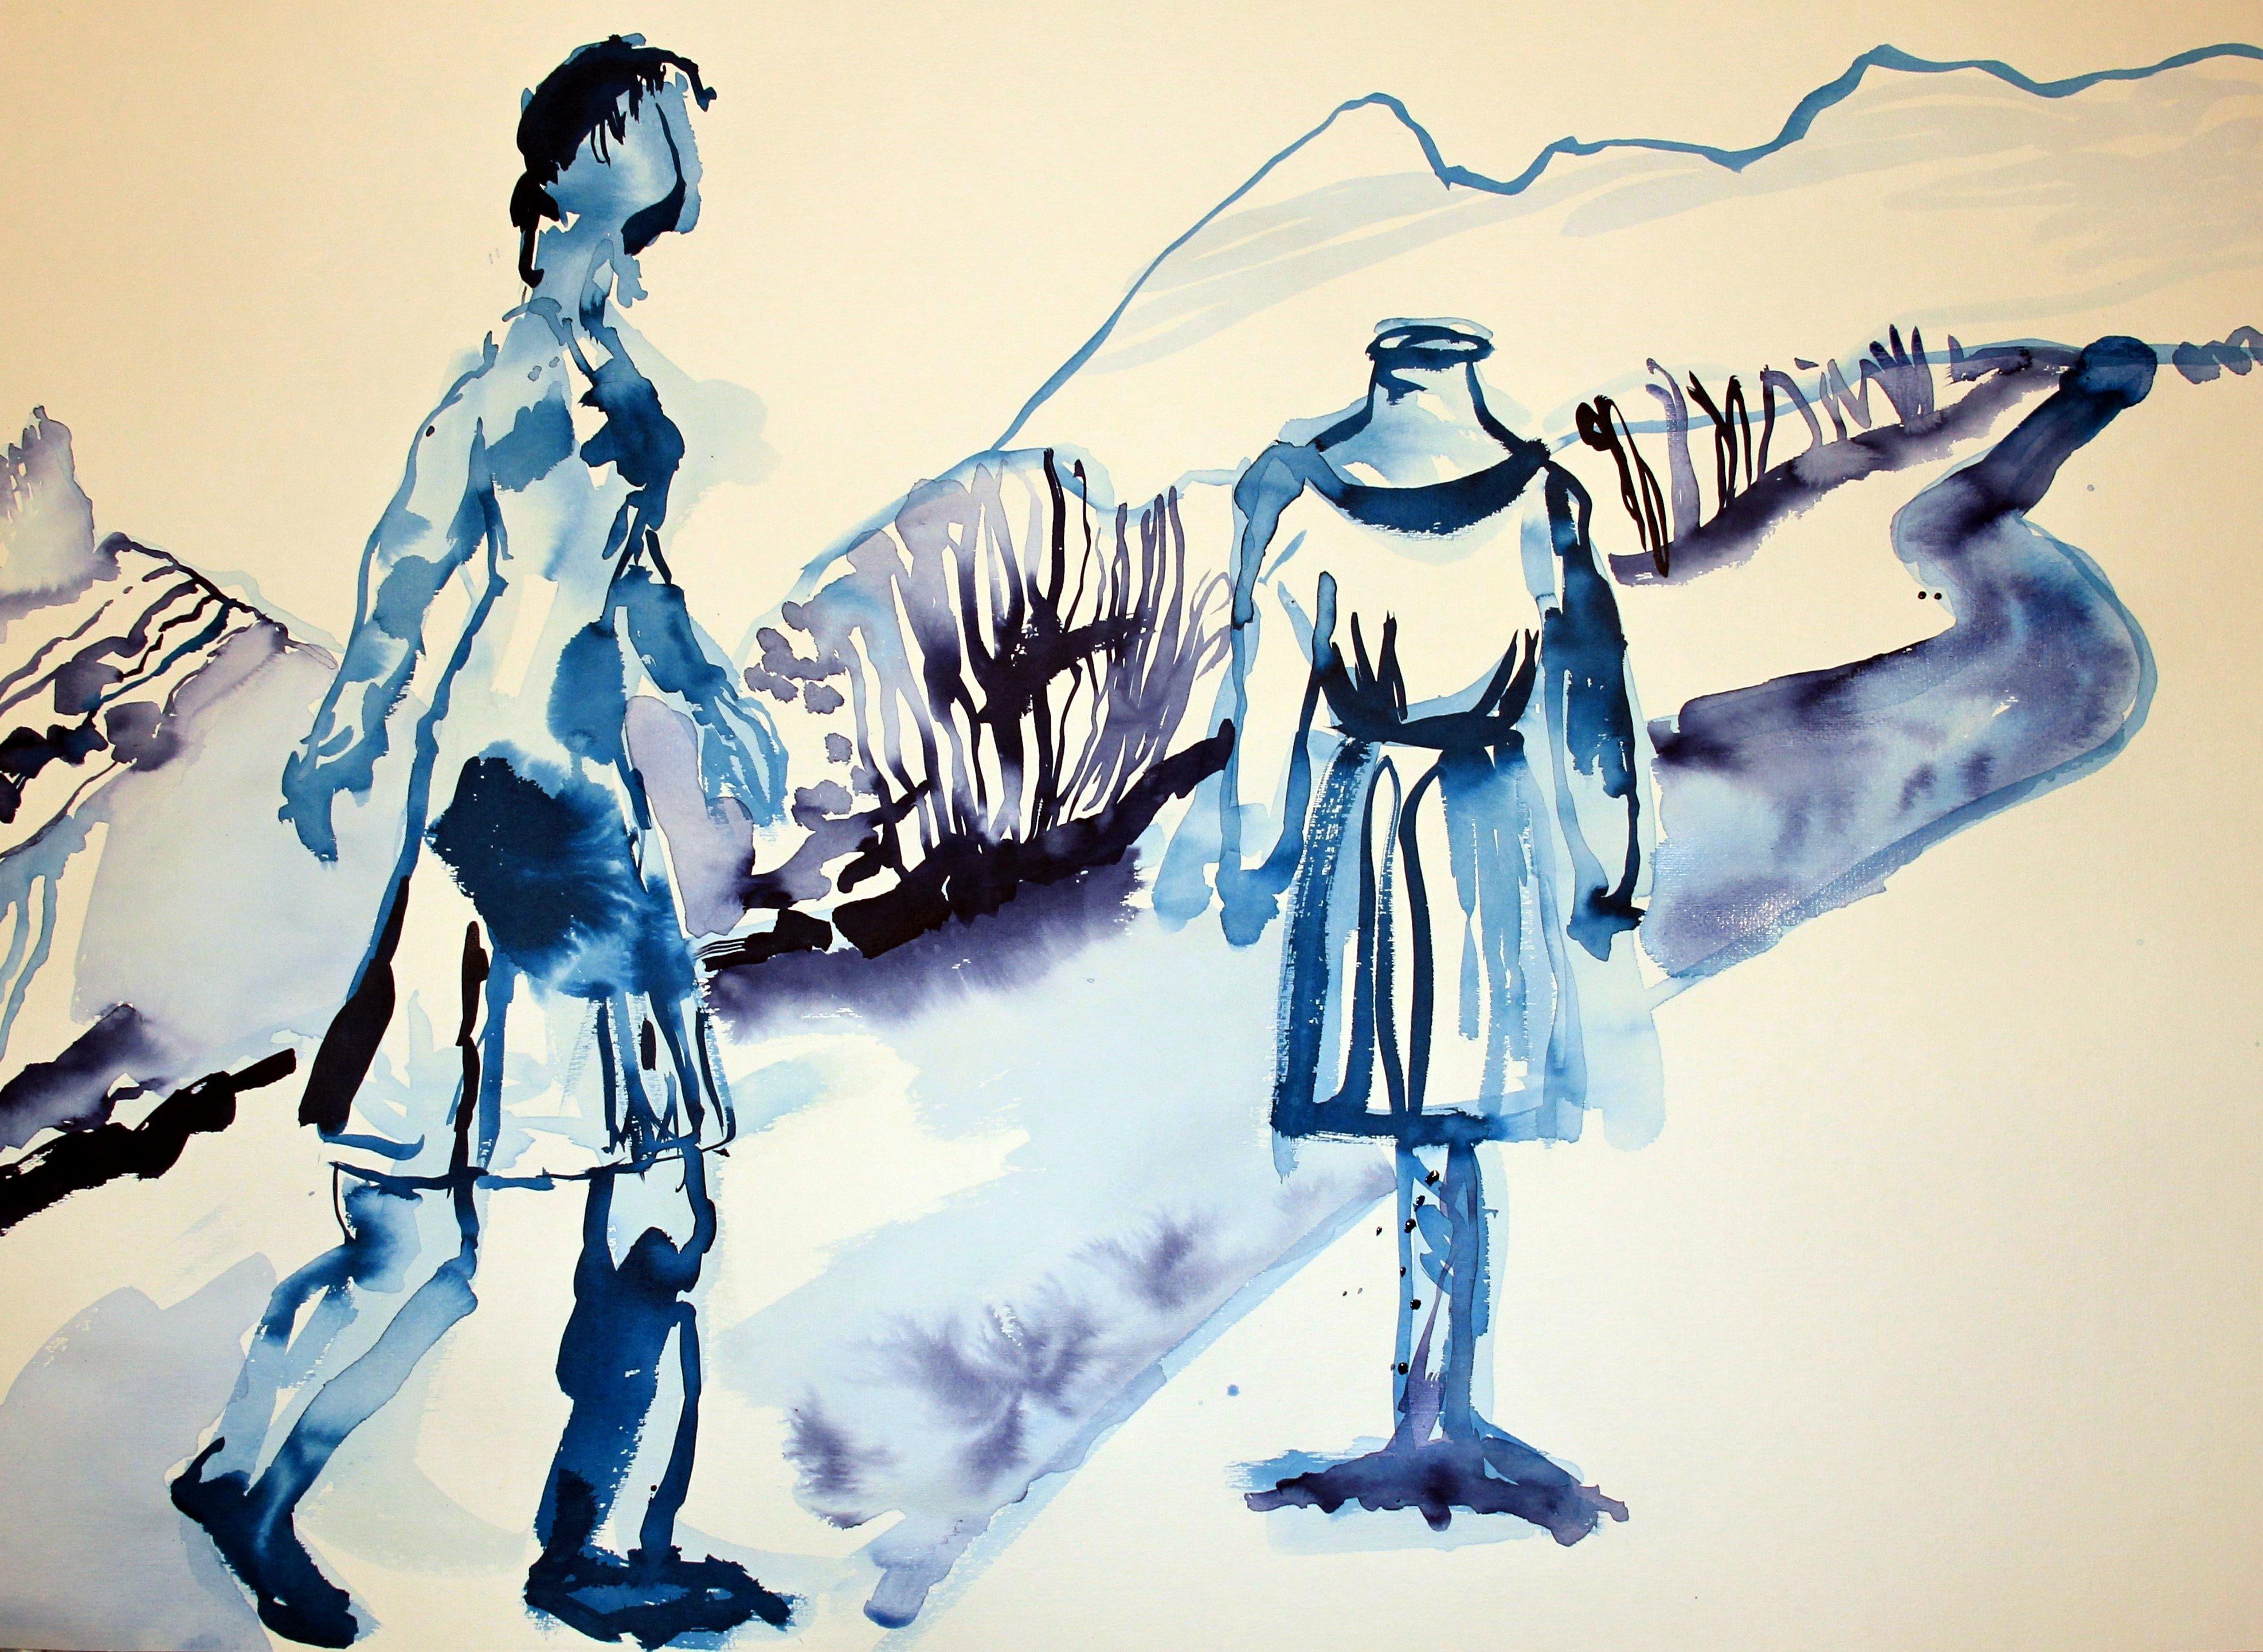 Eine neue Identität annehmen - 70 x 50 cm - Tusche auf Bütten (c) Zeichnung von Susanne Haun